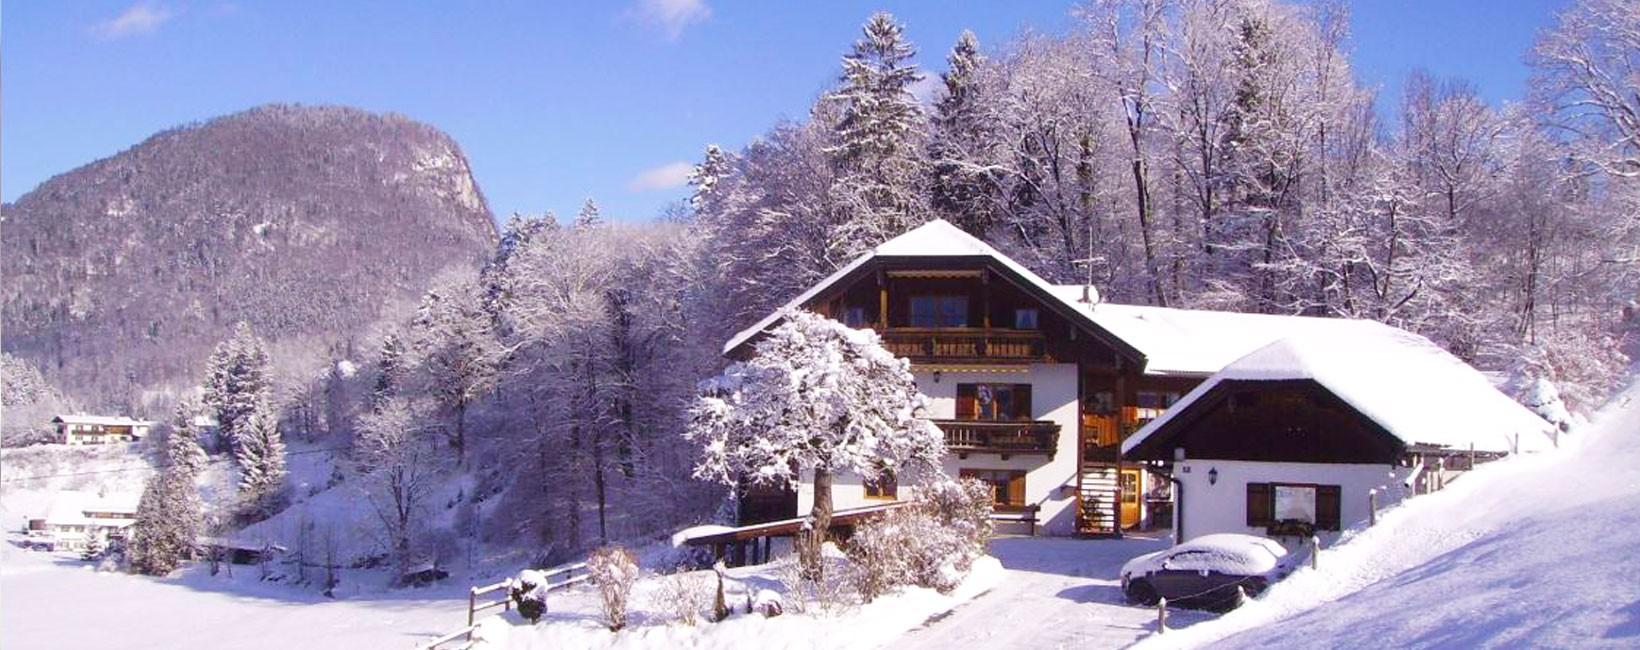 Ferienwohnungen Haus Vogelrast im Winter